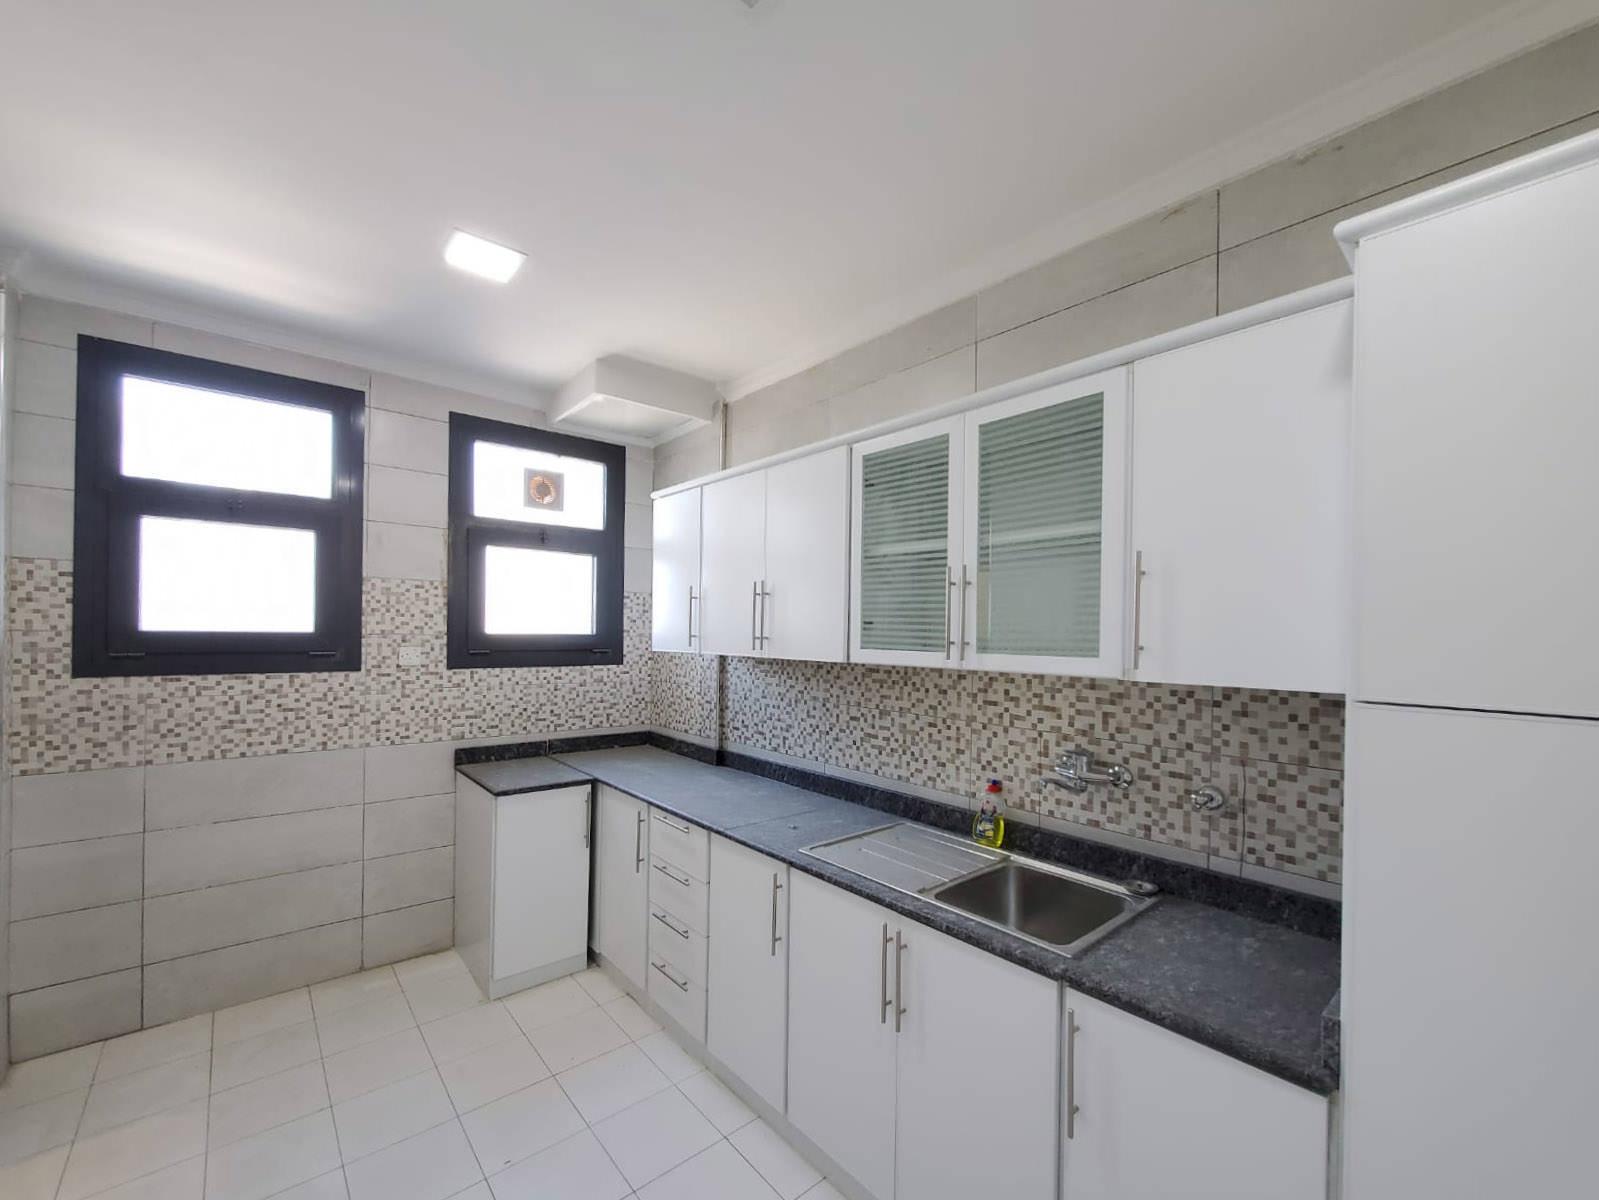 Sabah Al Salem – small, unfurnished four bedroom duplex